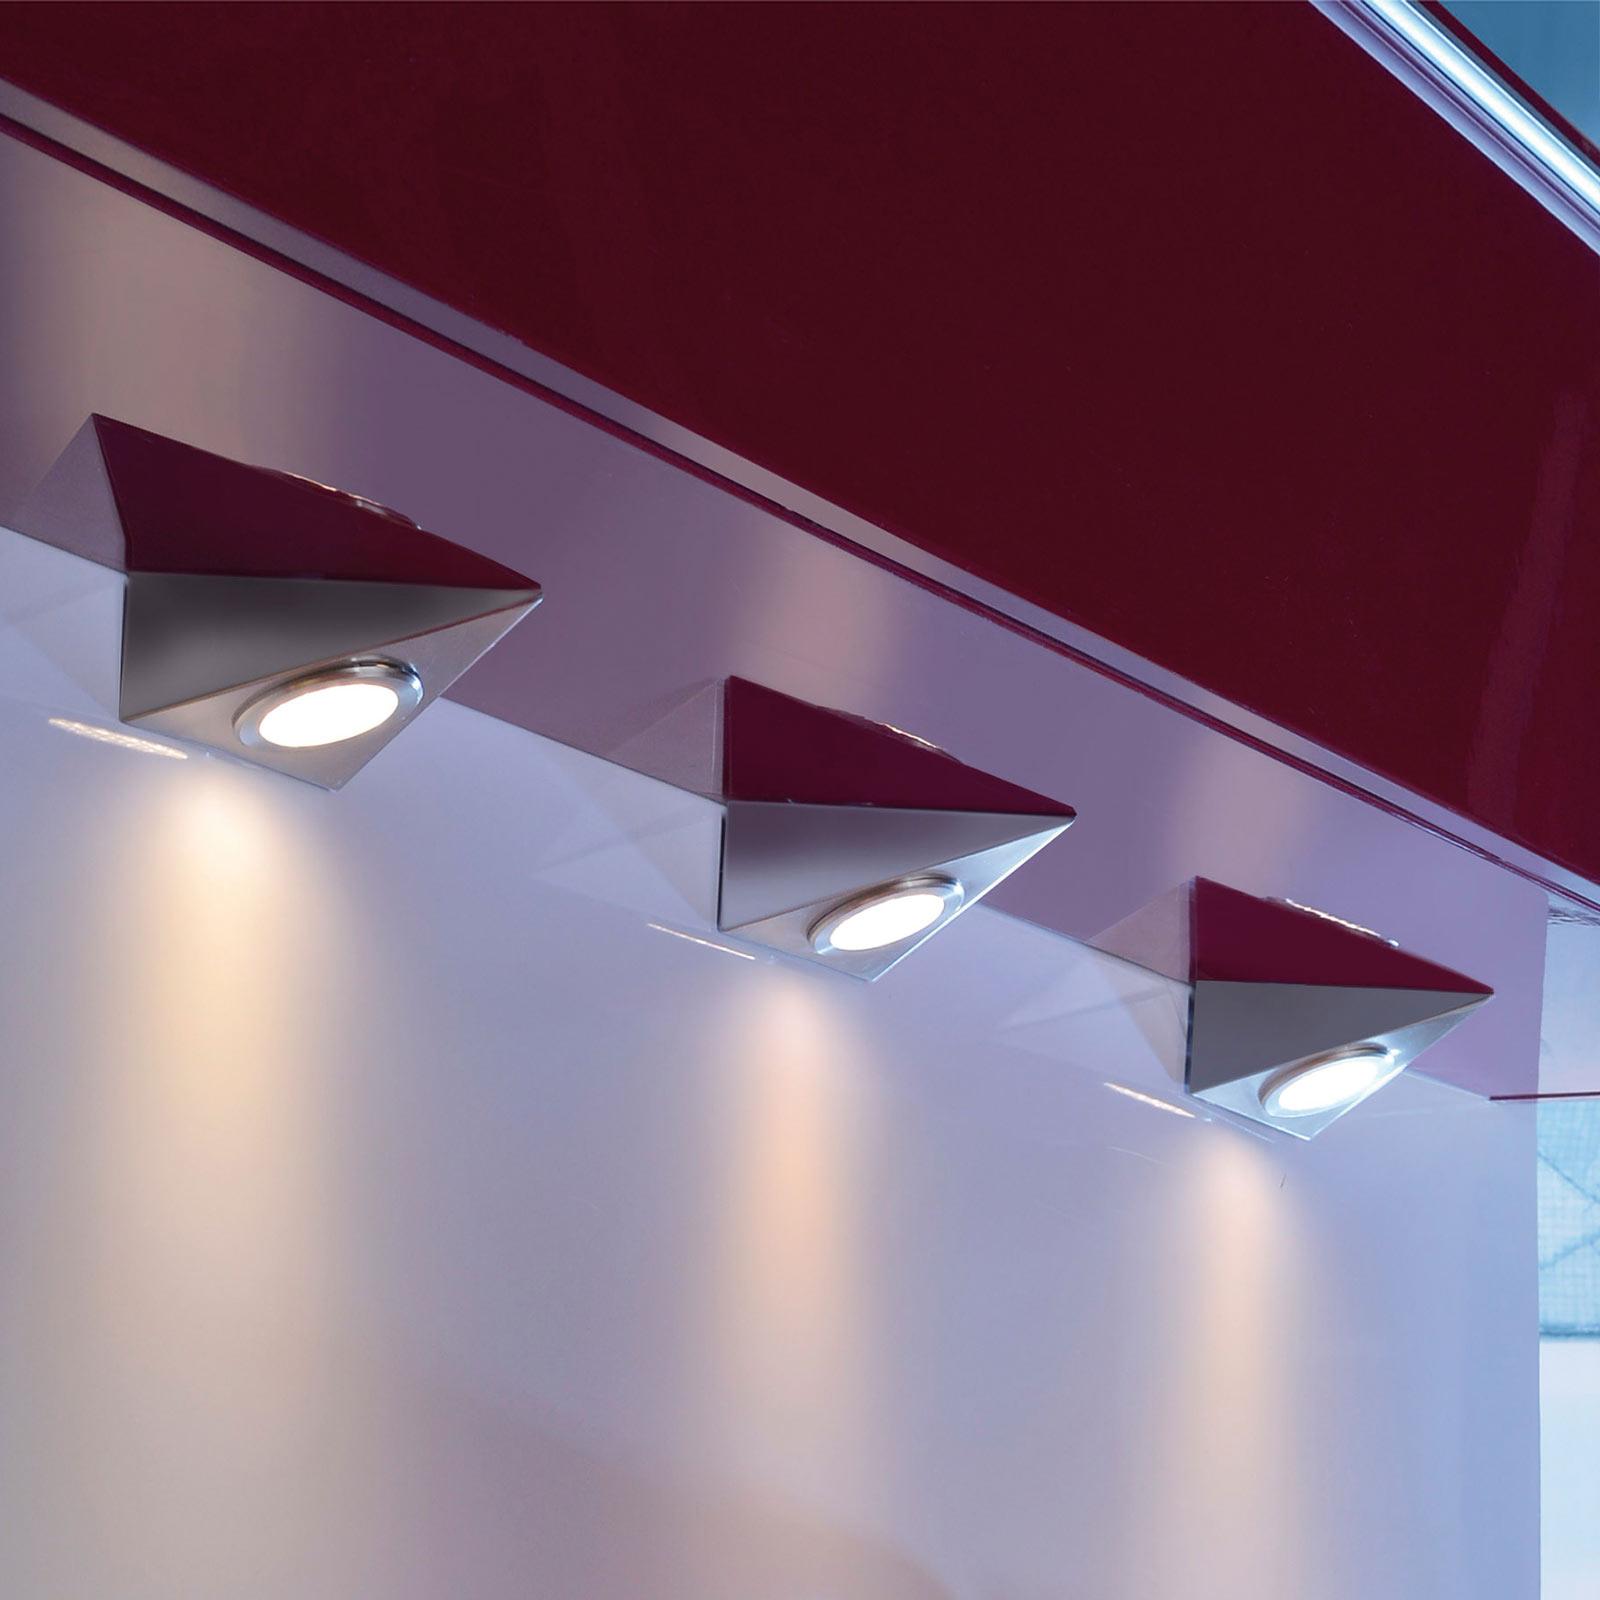 LED-underskabsbelysning Helena, trekant, sæt med 3